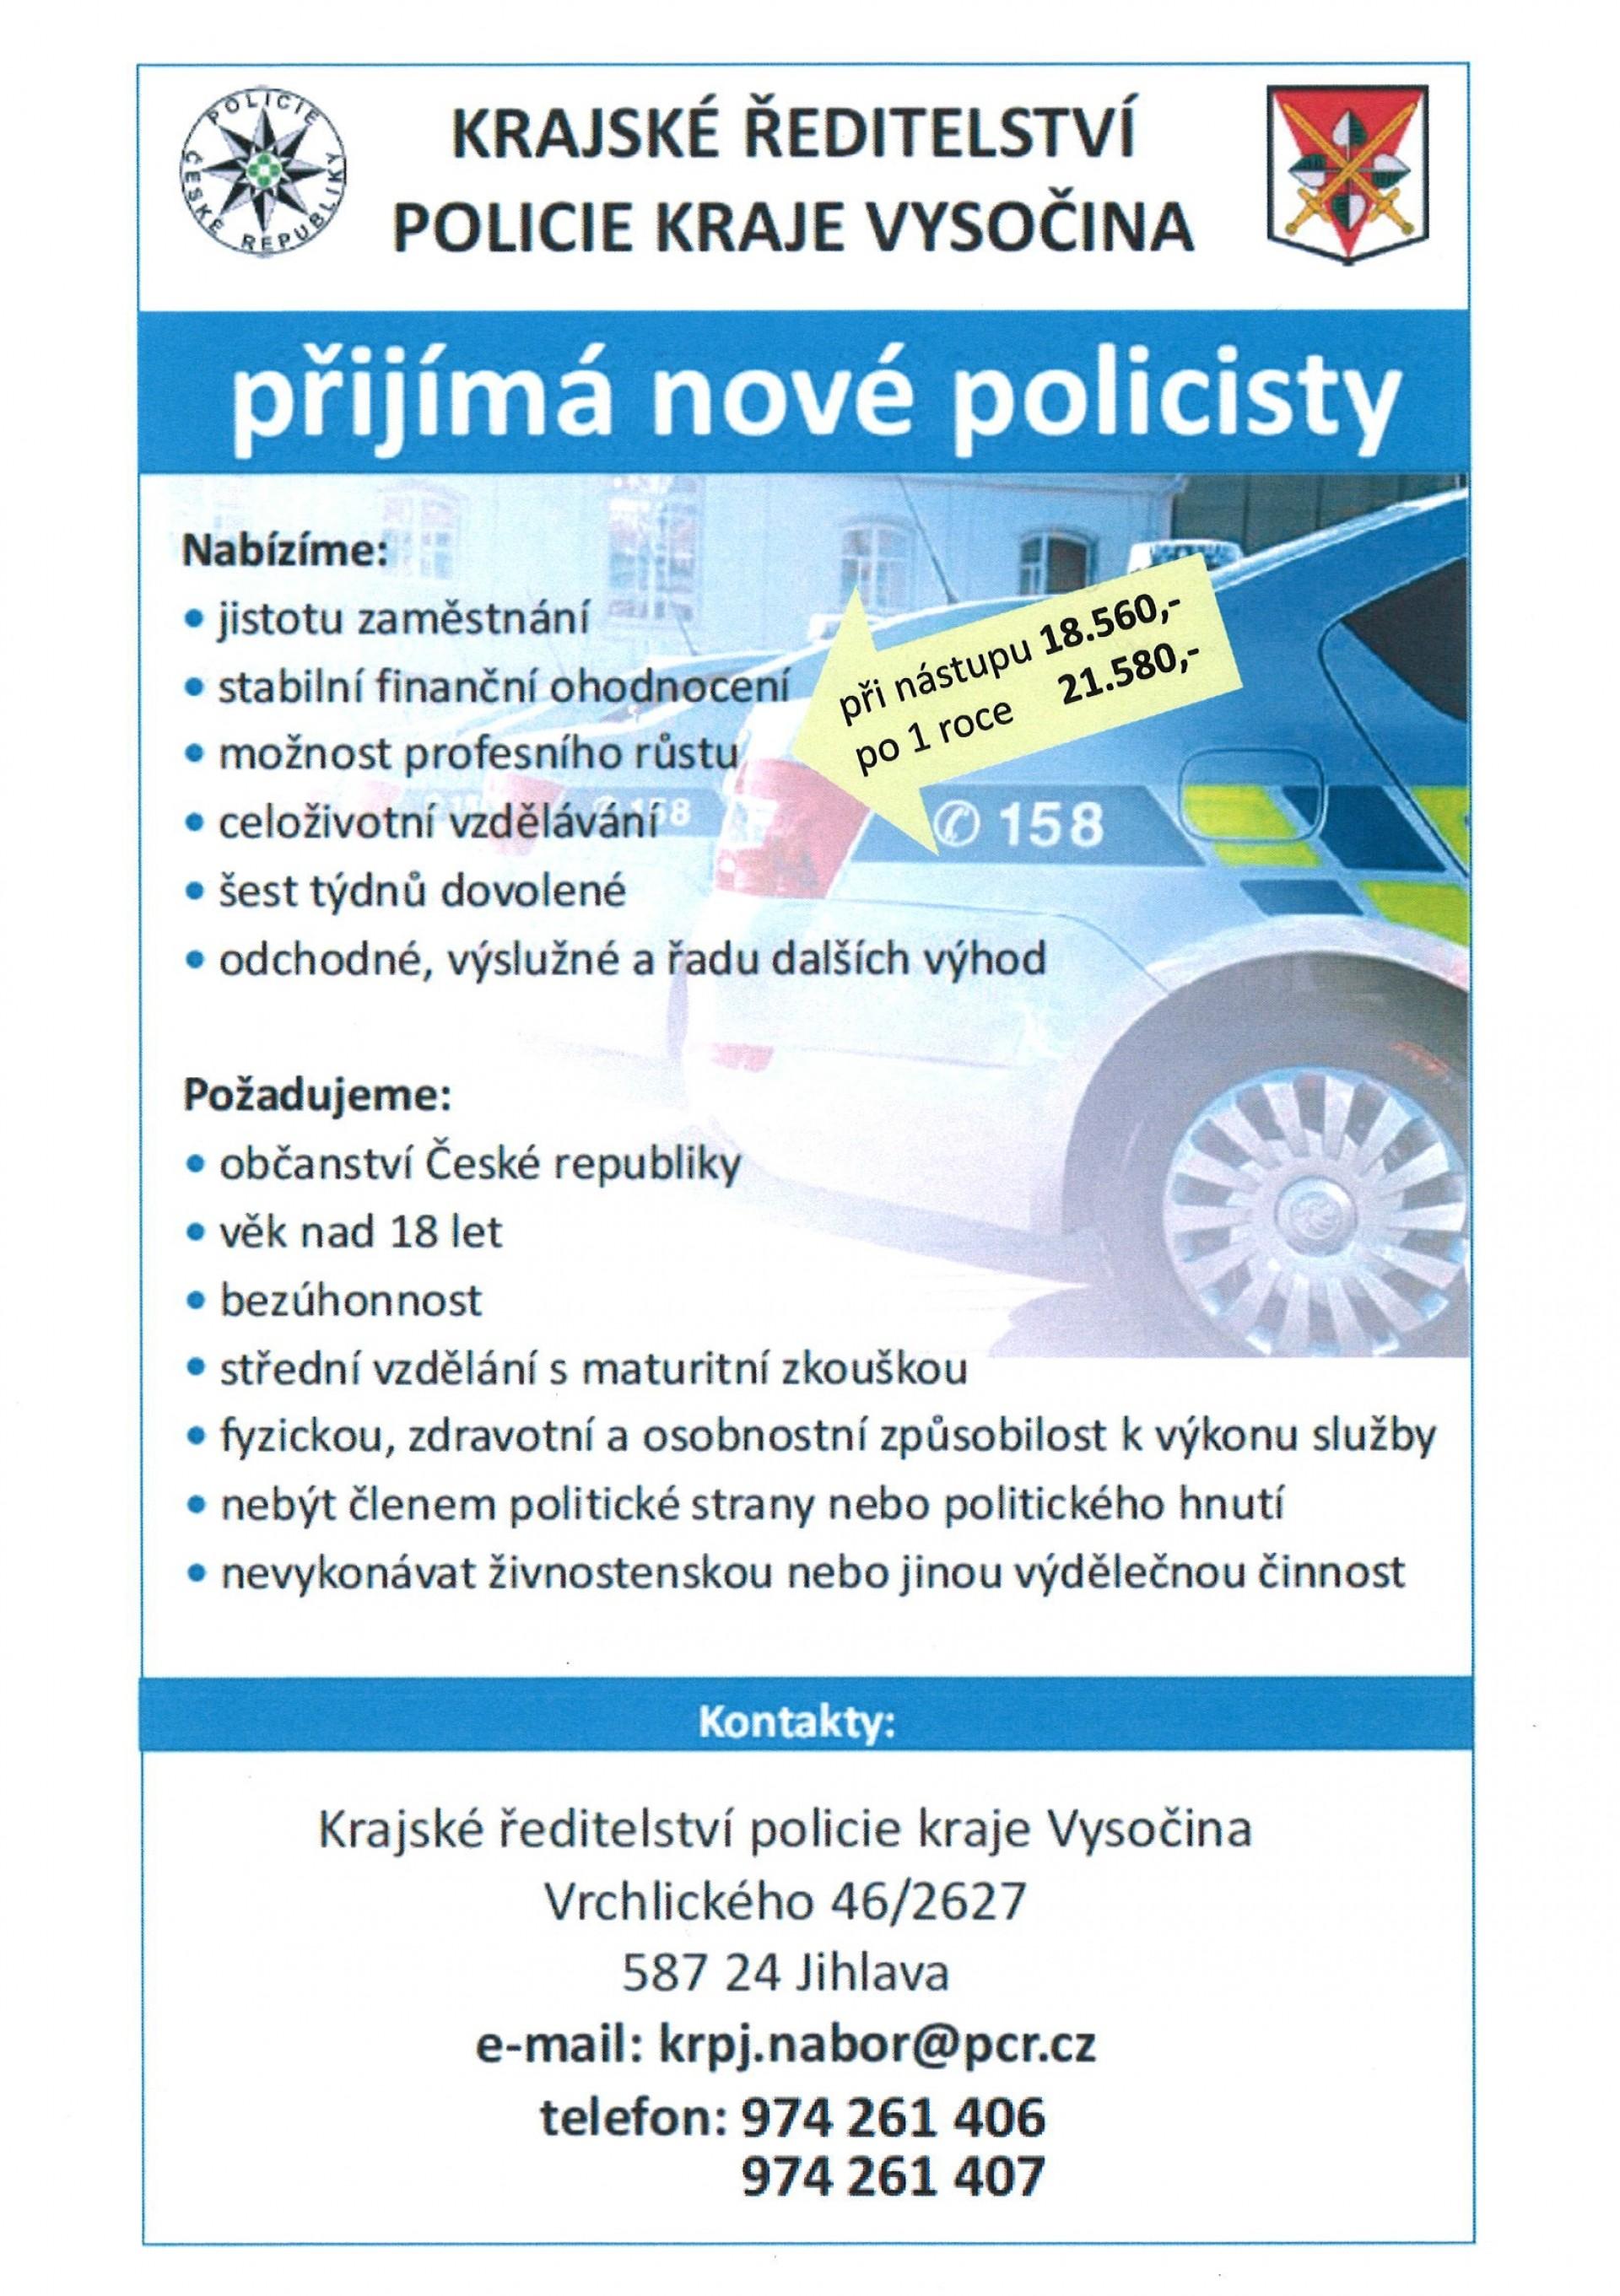 Chcete se stát novým policistou či policistkou?